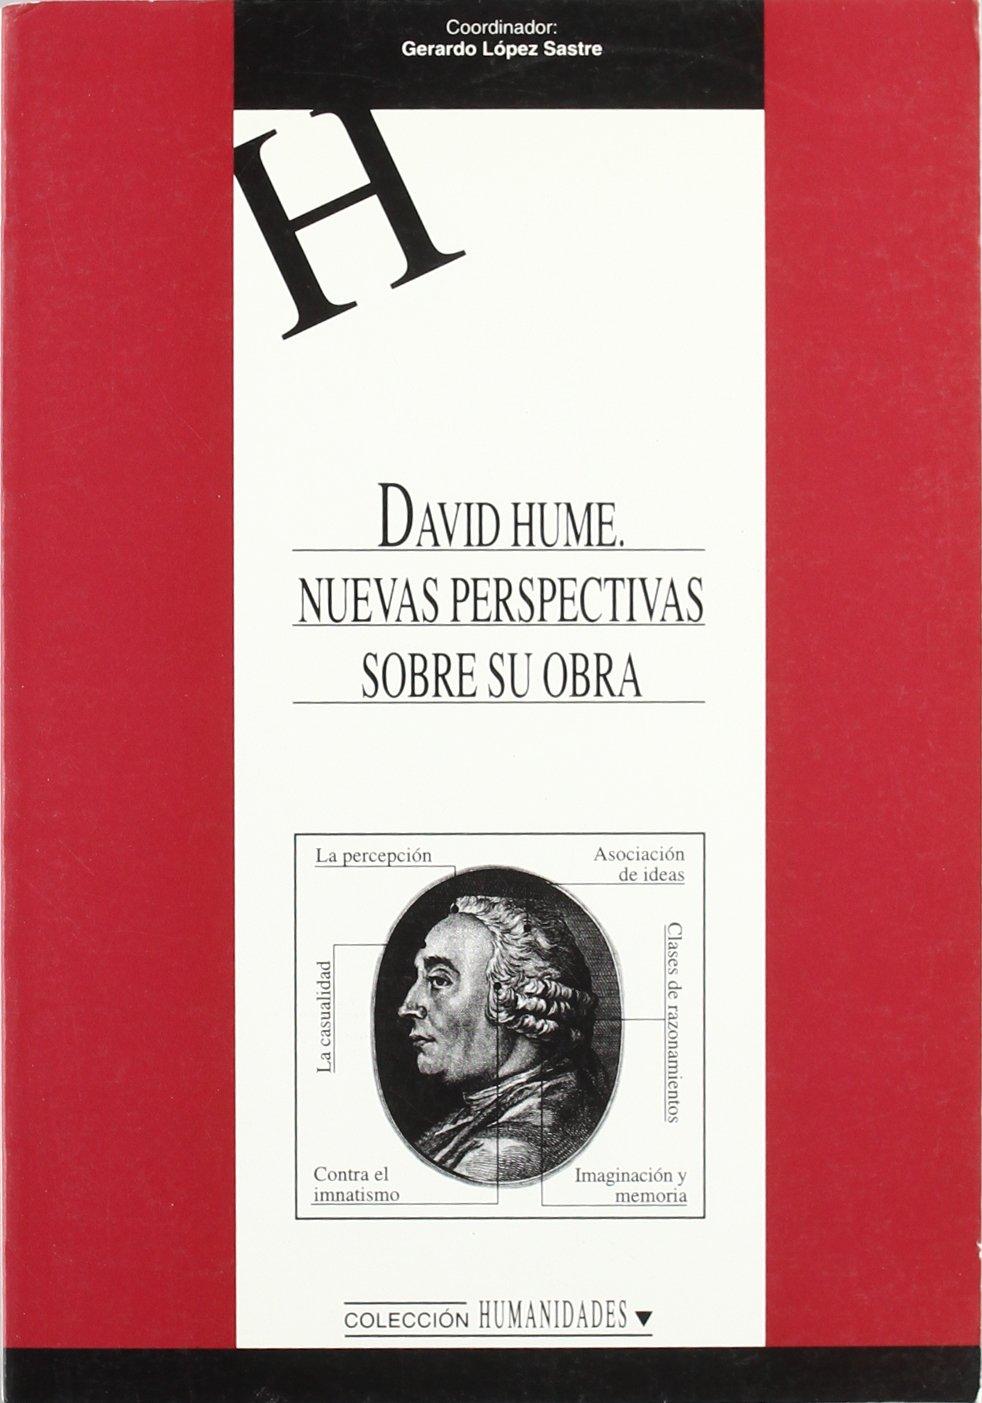 David Hume. Nuevas perspectivas sobre su obra. HUMANIDADES: Amazon.es: Gerardo López Sastre: Libros